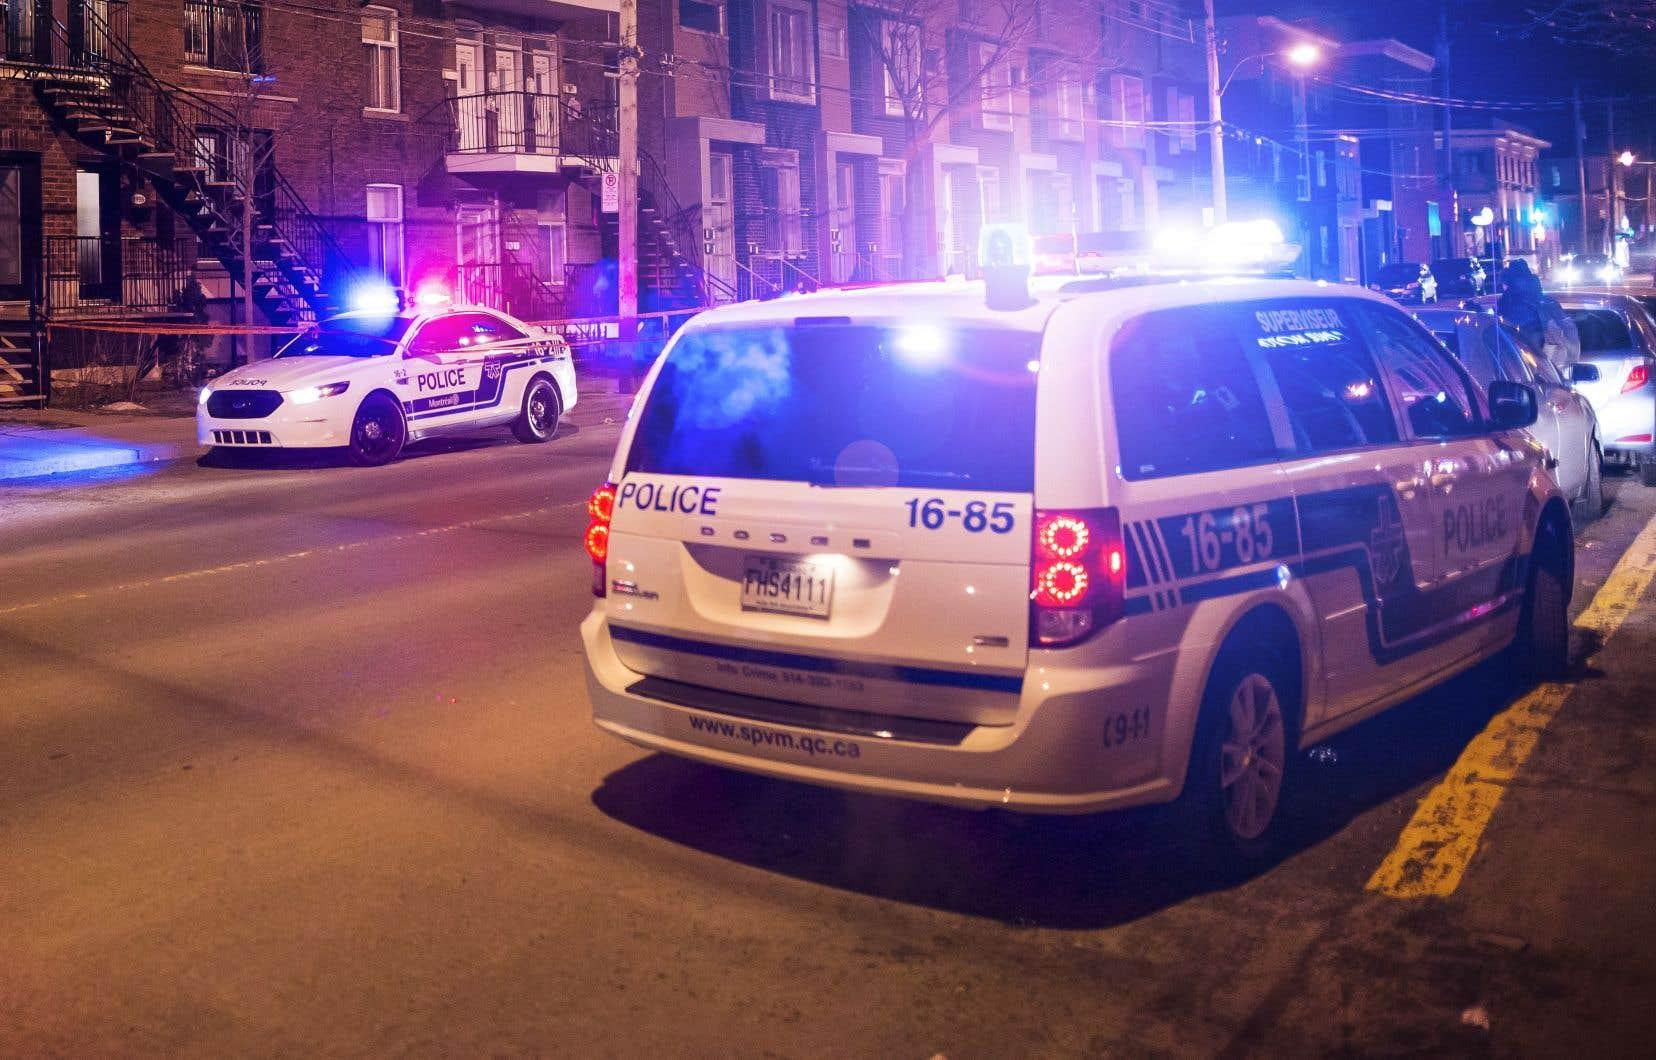 Le Canada est mal outillé pour entreprendre les délicats débats tels que l'amélioration de la formation policière ou encore le définancement de la police.